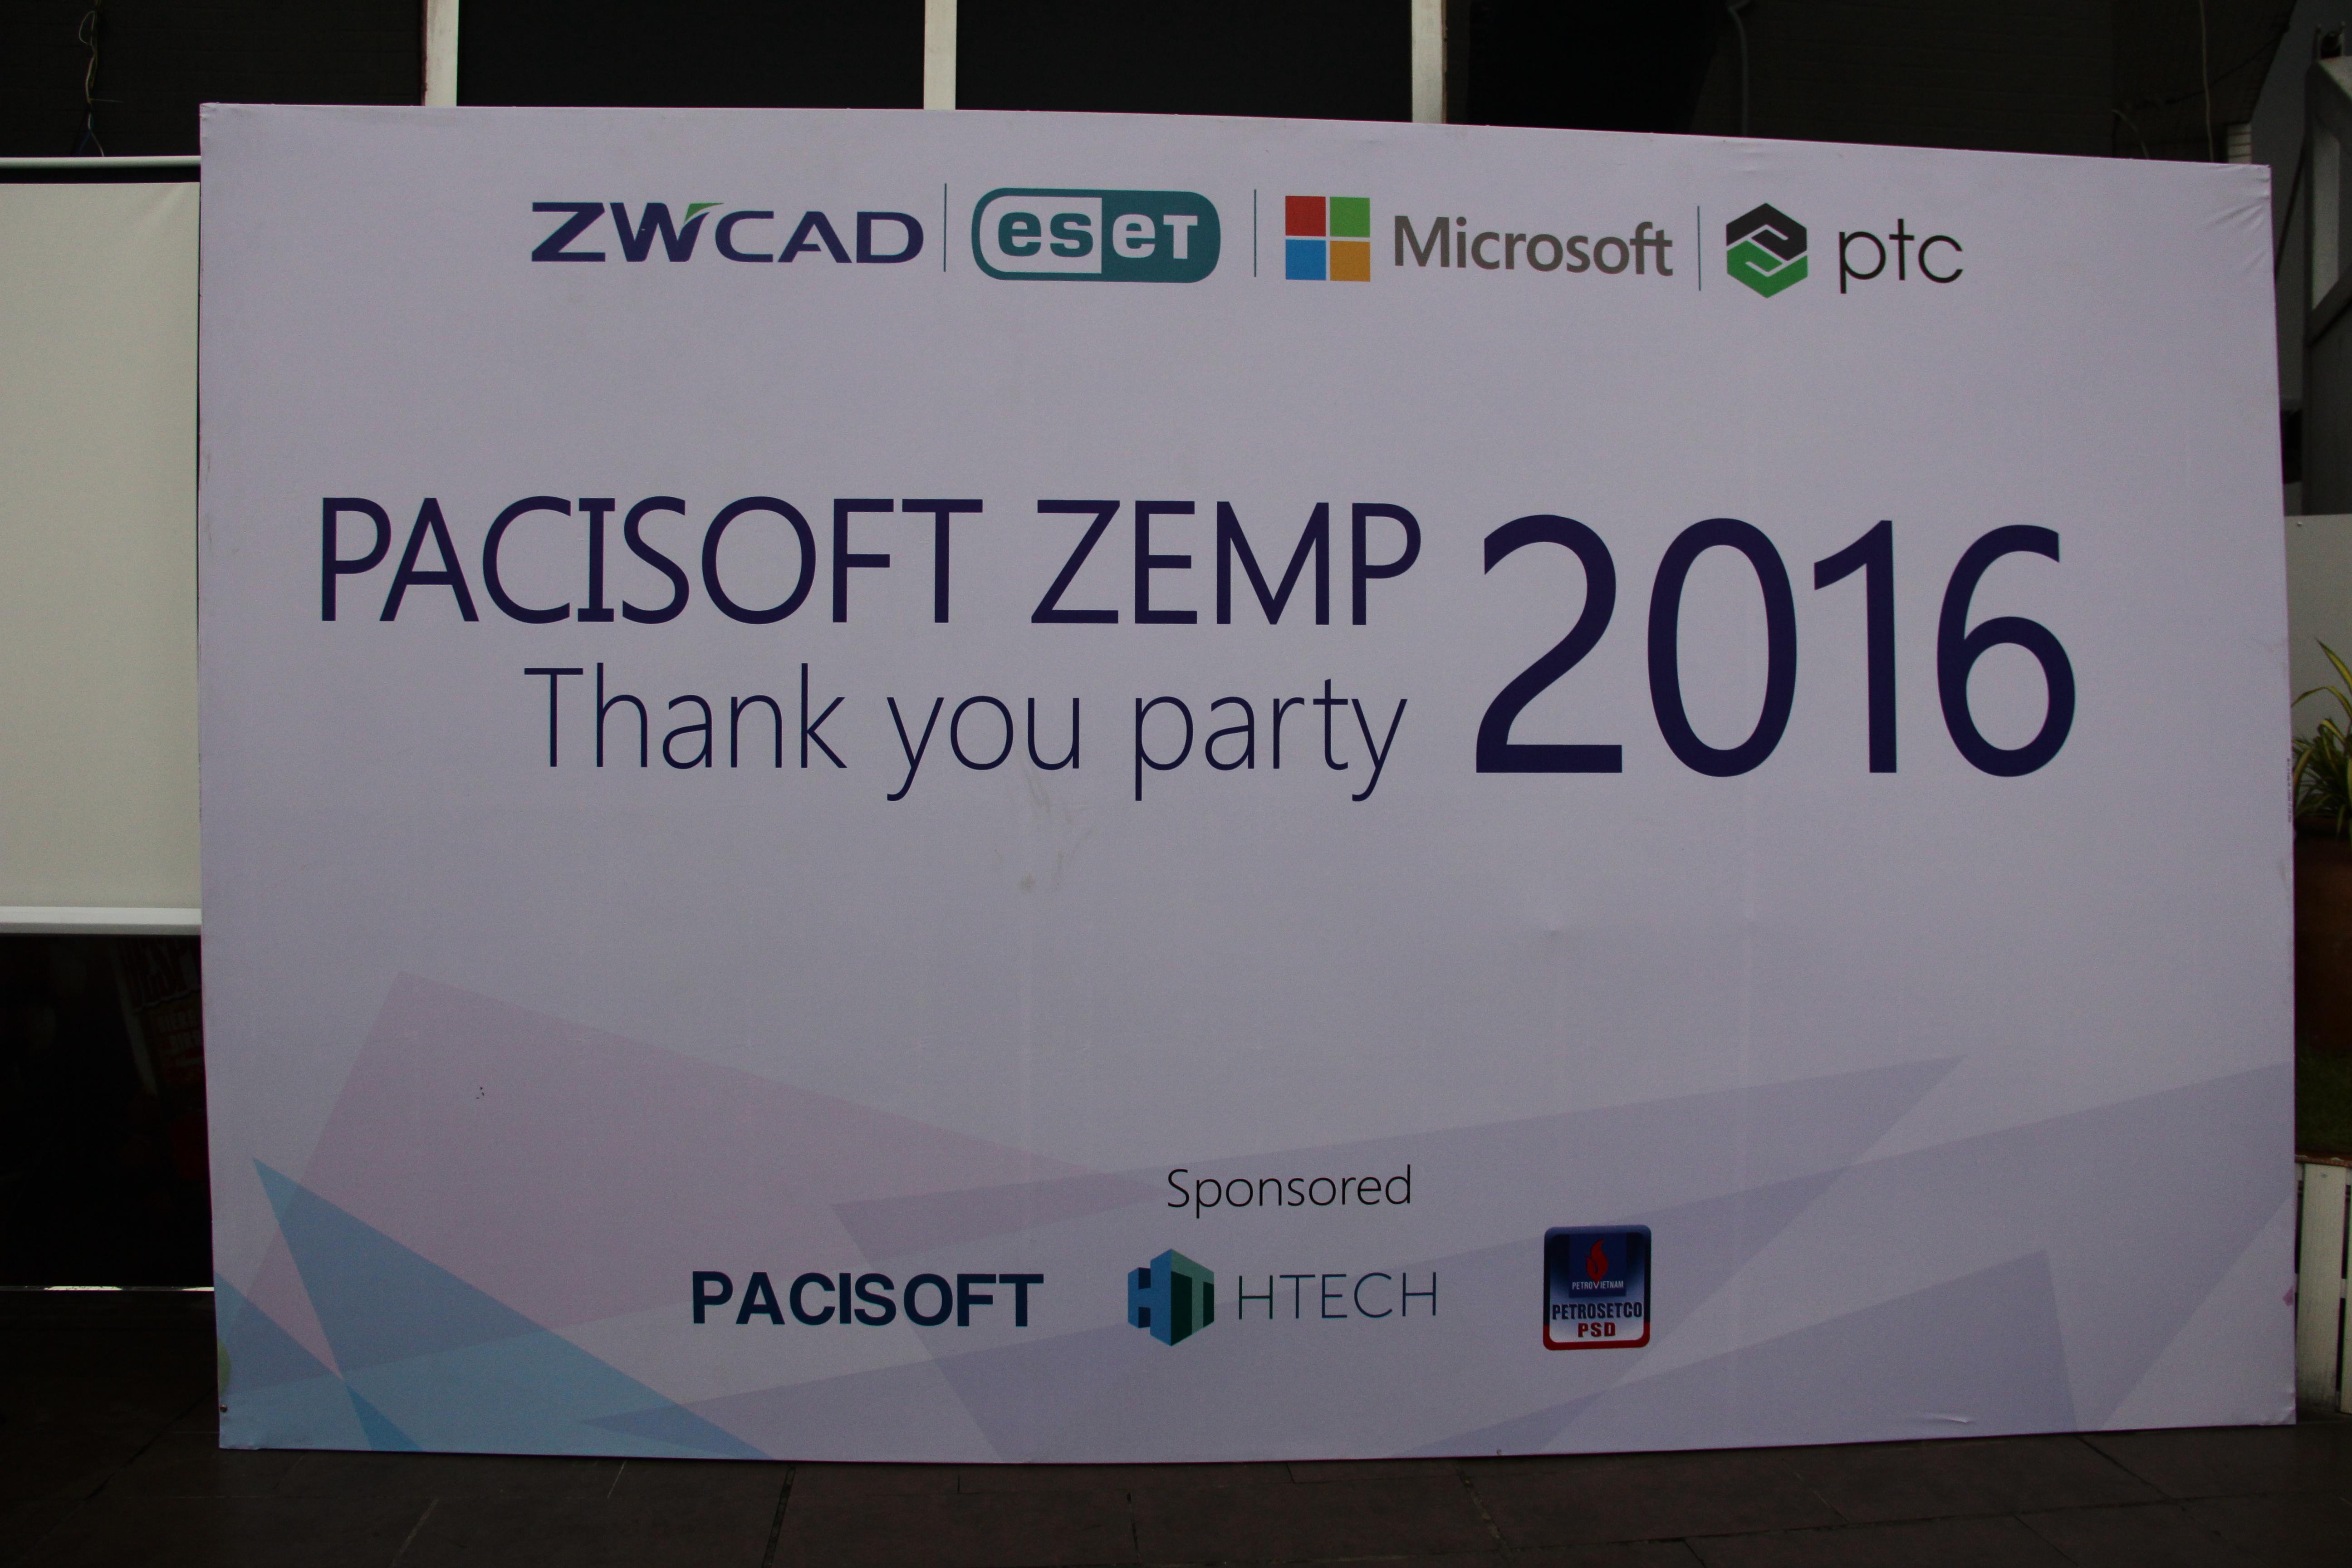 ZEMP 2016